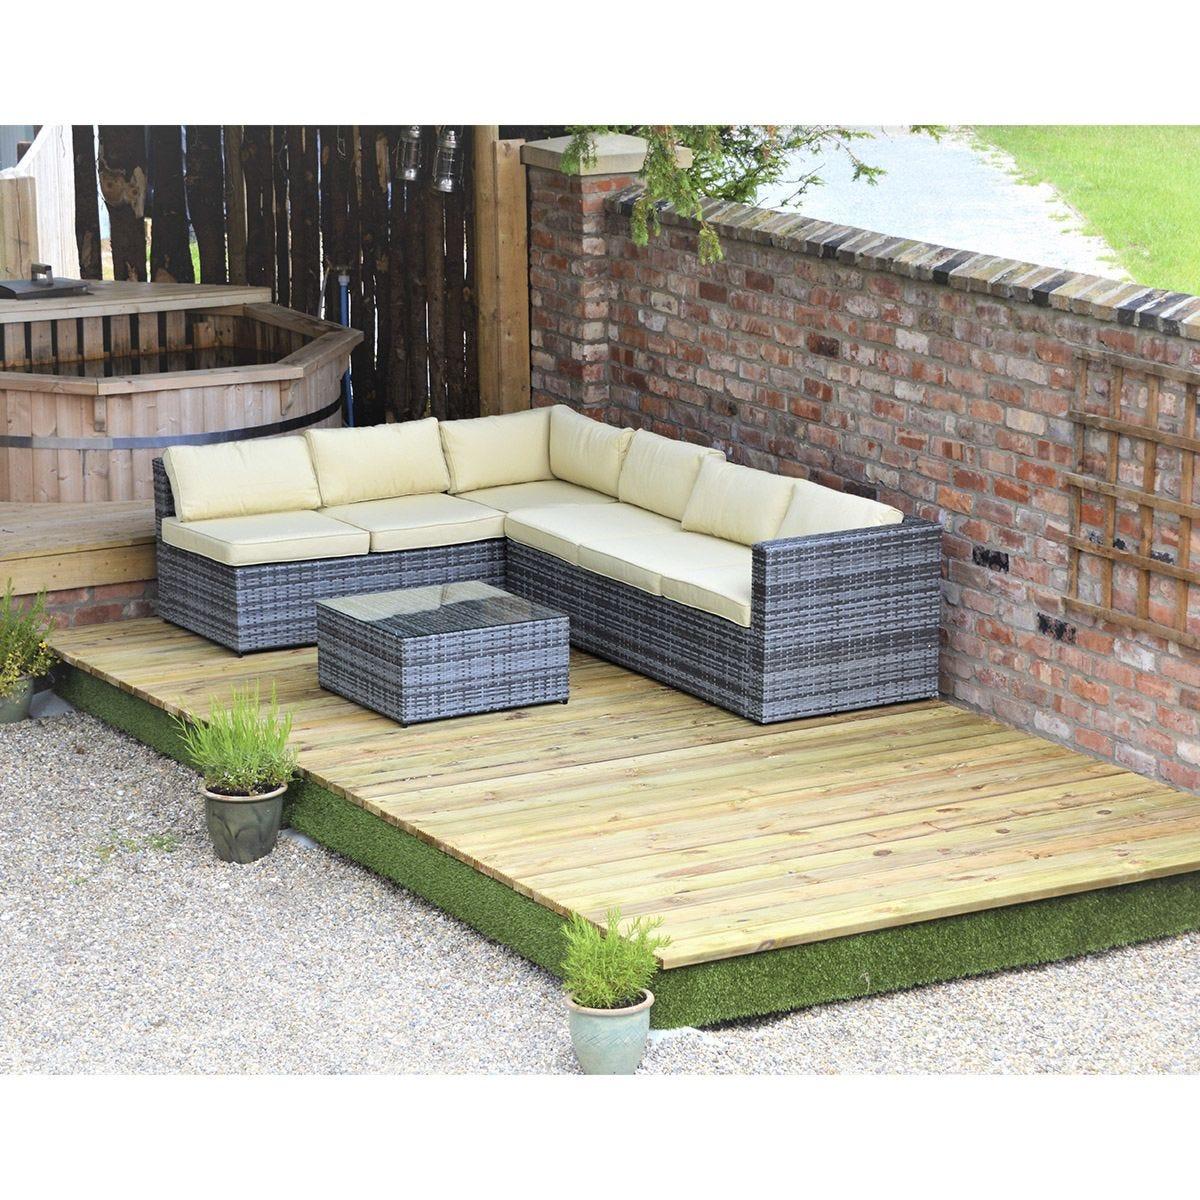 Swift Foundations Garden Decking Kit - 2.4 x 4.7m